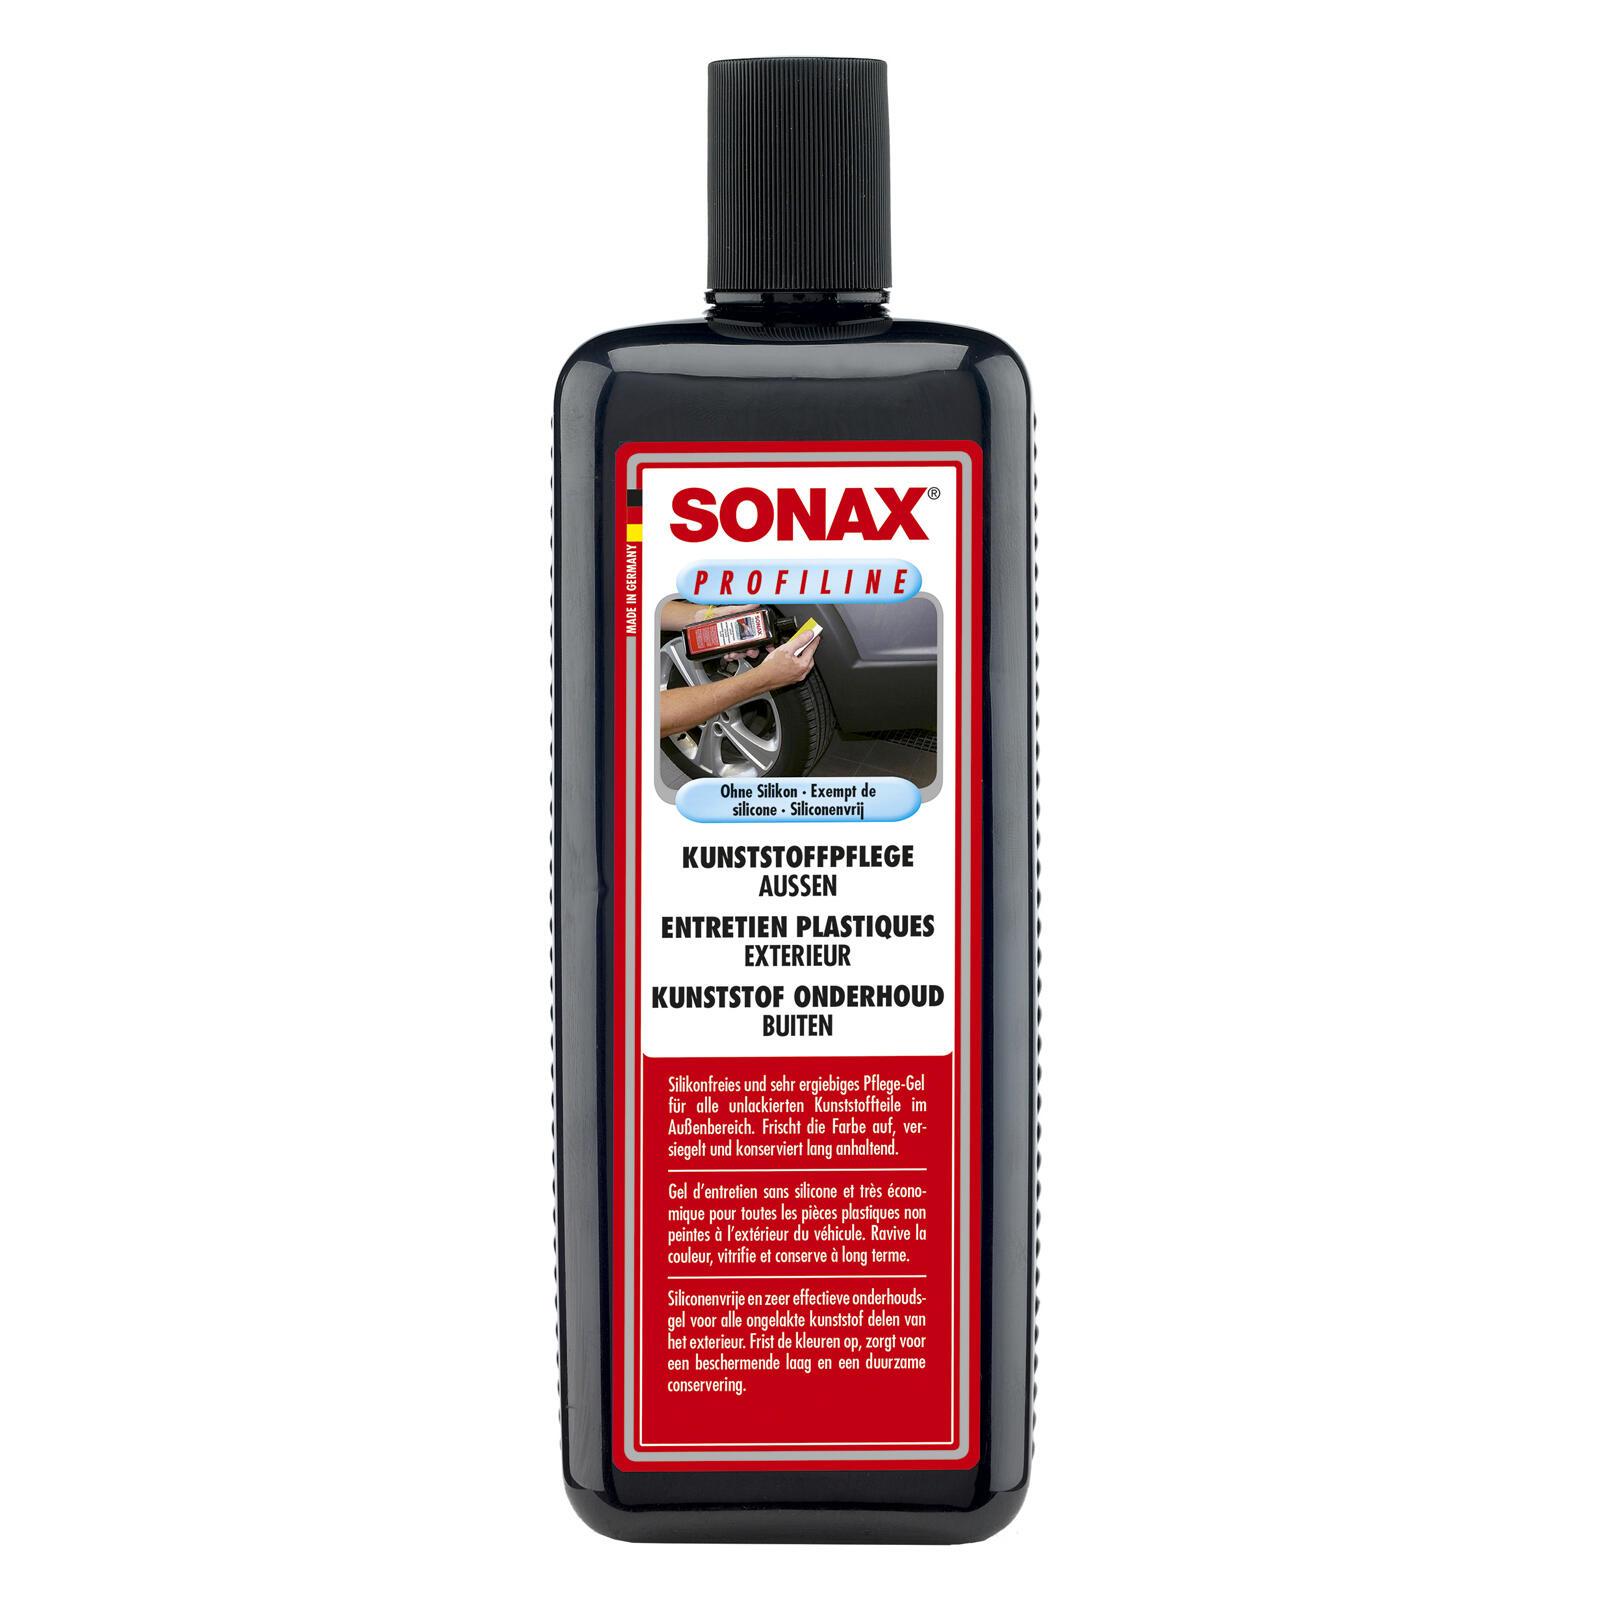 SONAX PROFILINE Plastic Protectant Exterior 1l